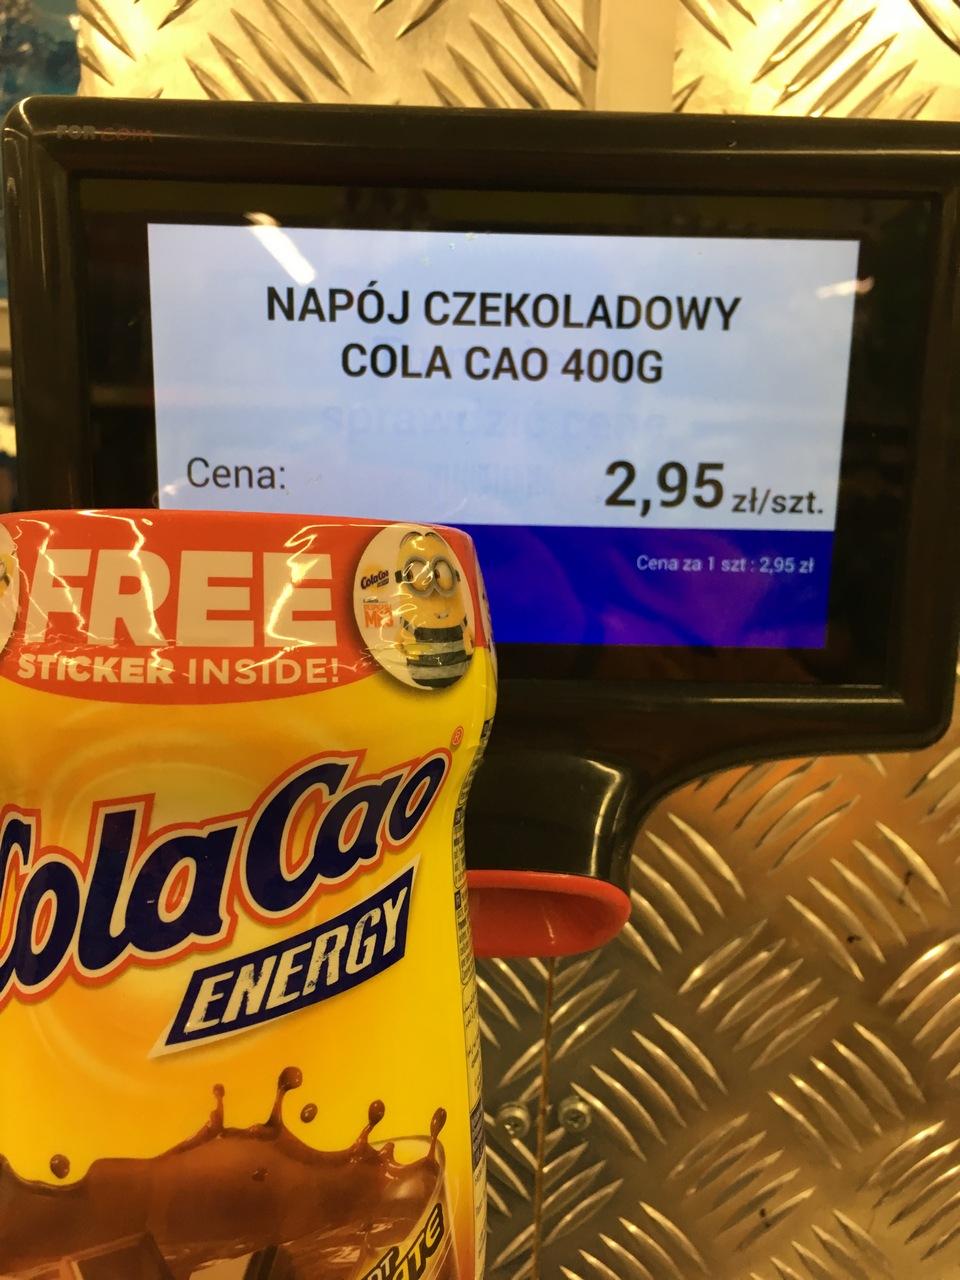 Cola Cao 400g w Biedronce (Wrocław)